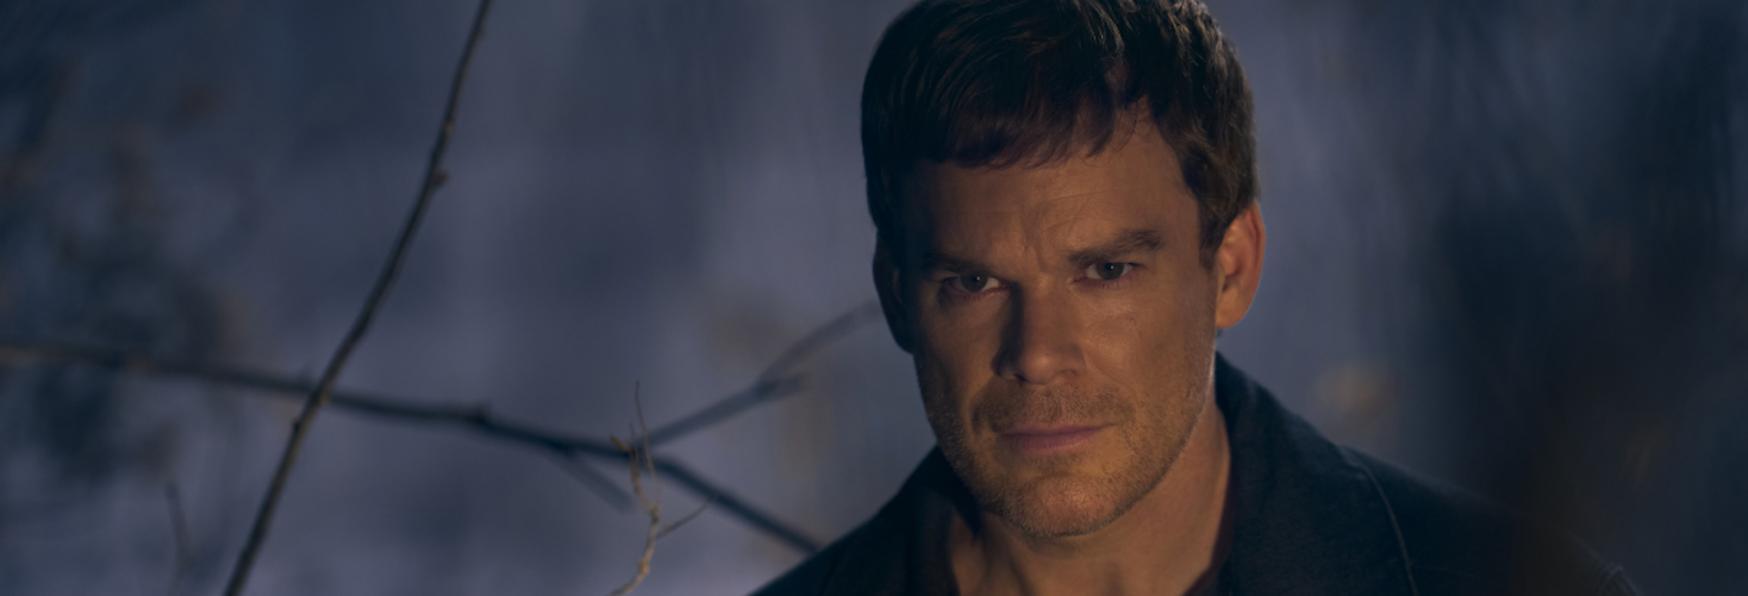 Dexter: New Blood - alcune recenti Immagini svelano nuovi e vecchi Personaggi